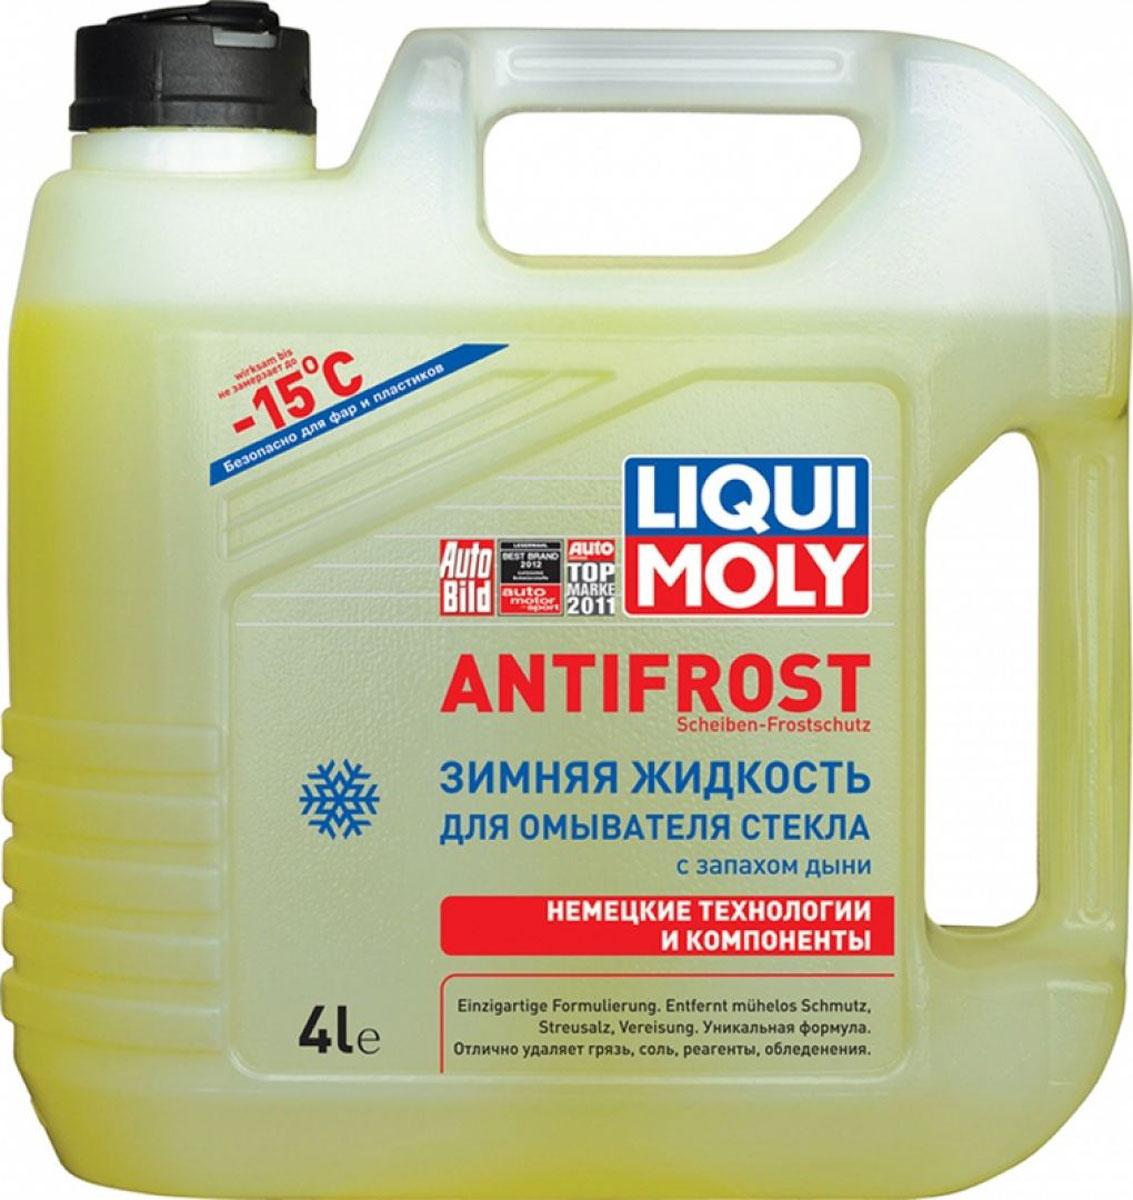 Жидкость для омывателя Liqui Moly Antifrost Scheiben-Frostschutz -15, зимняя, 4 л00649Жидкость для омывателя Liqui Moly Antifrost Scheiben-Frostschutz -15 изготавливается по рецептуре LIQUI MOLY GmbH из эксклюзивных немецких компонентов. Предназначена для очистки переднего ветрового стекла и стёкол фар от снега, льда, антигололёдных реагентов, копоти, соли и грязи. Не оставляет разводов и следов на поверхностях после прохода стеклоочистителей и высыхания. Обладает приятным запахом Дыни.Жидкость желтого цвета на базе изопропилового спирта, ПАВ и специальных присадок.- Отлично очищает ветровые стекла и стекла фар от снега, льда, антигололёдных реагентов, копоти, соли и грязи;- Не оставляет разводов и следов на поверхностях после прохода стеклоочистителей и высыхания;- Обеспечивает плавное скольжение стеклоочистителей;- Обеспечивает сохранность рабочей поверхности от абразивного износа и растрескивания;- Предотвращает помутнение фар;- Нейтральна к лакокрасочным покрытиям, резине и пластиковым деталям автомобиля;- При температуре ниже заявленной густеет, но полностью не замерзает;- Не содержит вредных для здоровья человека составляющих: этилового, метилового спиртов и моноэтиленгликоля (МЭГ).Благодаря специальной немецкой формуле отлично очищает ветровое стекло и фары от загрязнений. Гарантированно работает при заявленных температурах. Безвредна для лакокрасочного покрытия, а так же предотвращает помутнение и потрескивание фар.Товар сертифицирован.Уважаемые клиенты! Обращаем ваше внимание на то, что упаковка может иметь несколько видов дизайна. Поставка осуществляется в зависимости от наличия на складе.